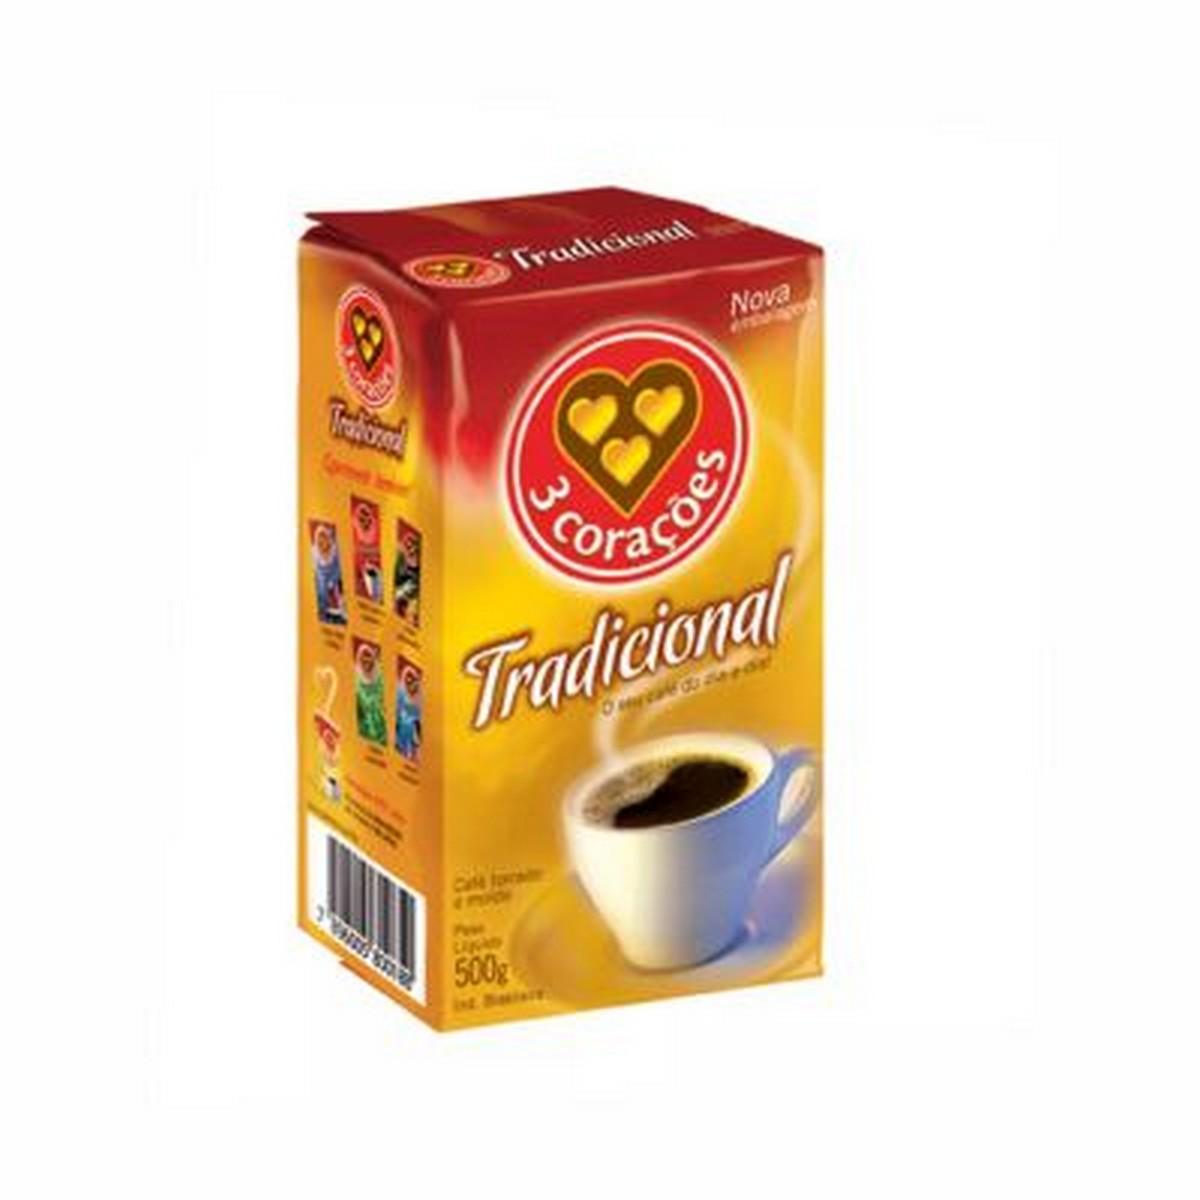 Distribuidora de café